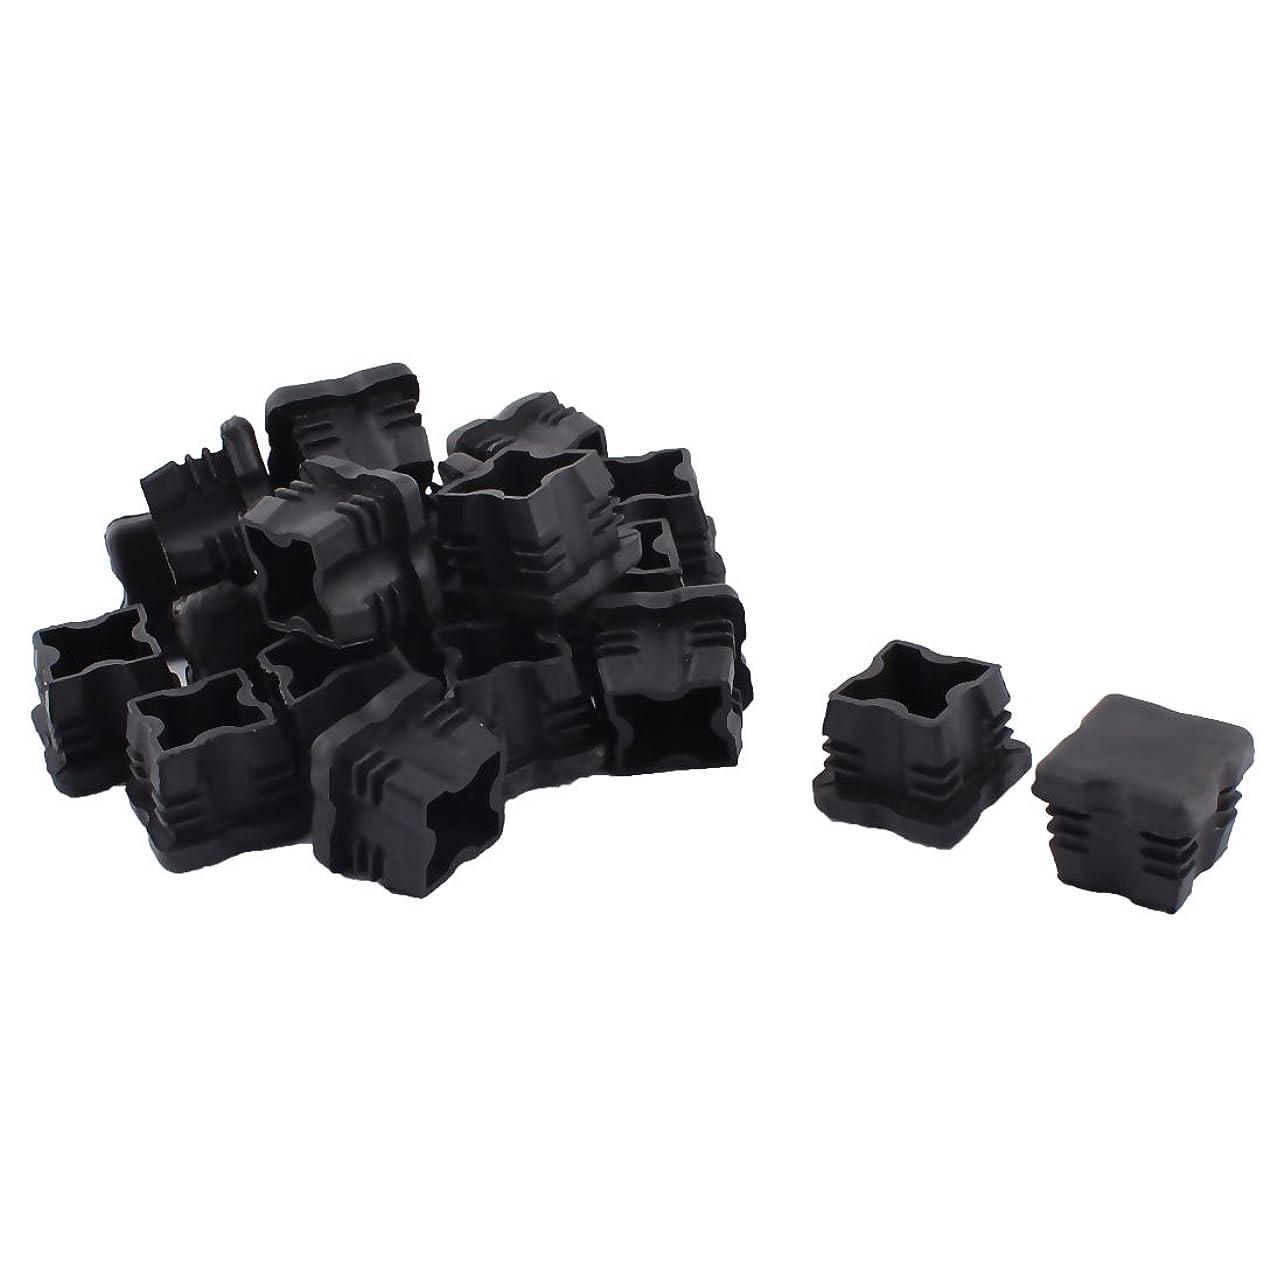 大学院名声胃uxcell 家具パイプキャップ プラスチック プロテクターチューブ 四角形ブラック 25mm x 25mm 20個入り